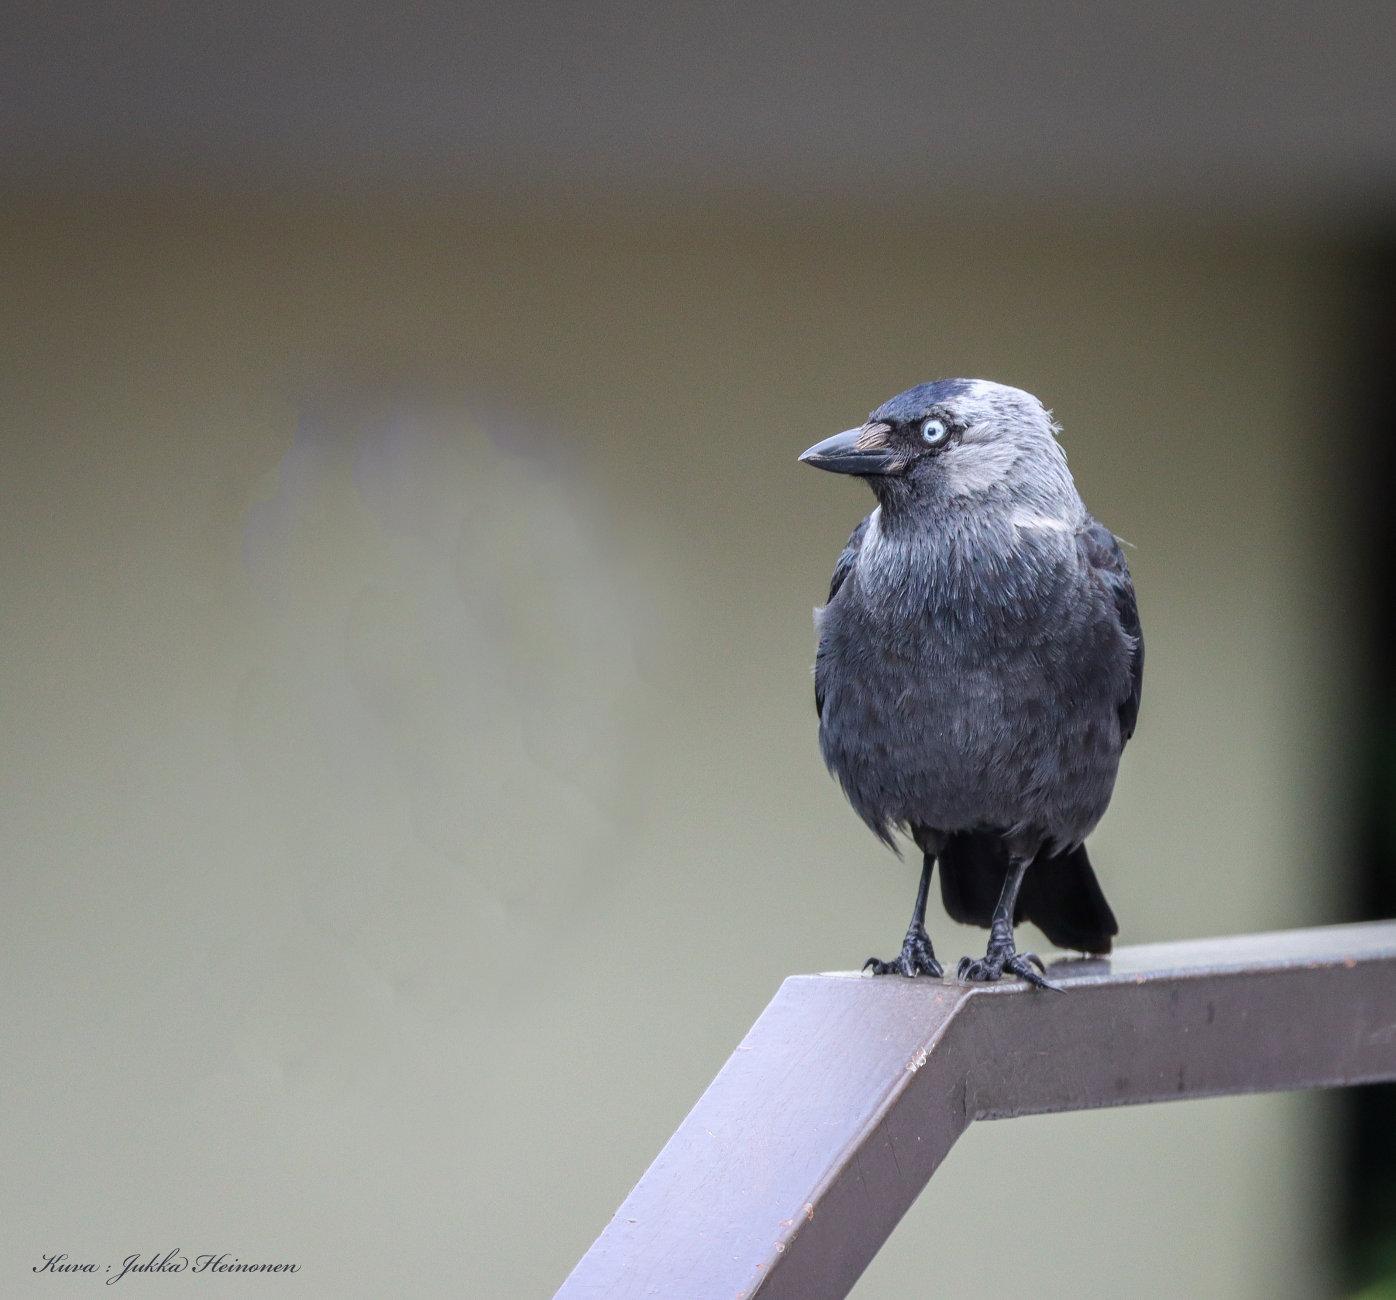 Jackdaw on a railing.